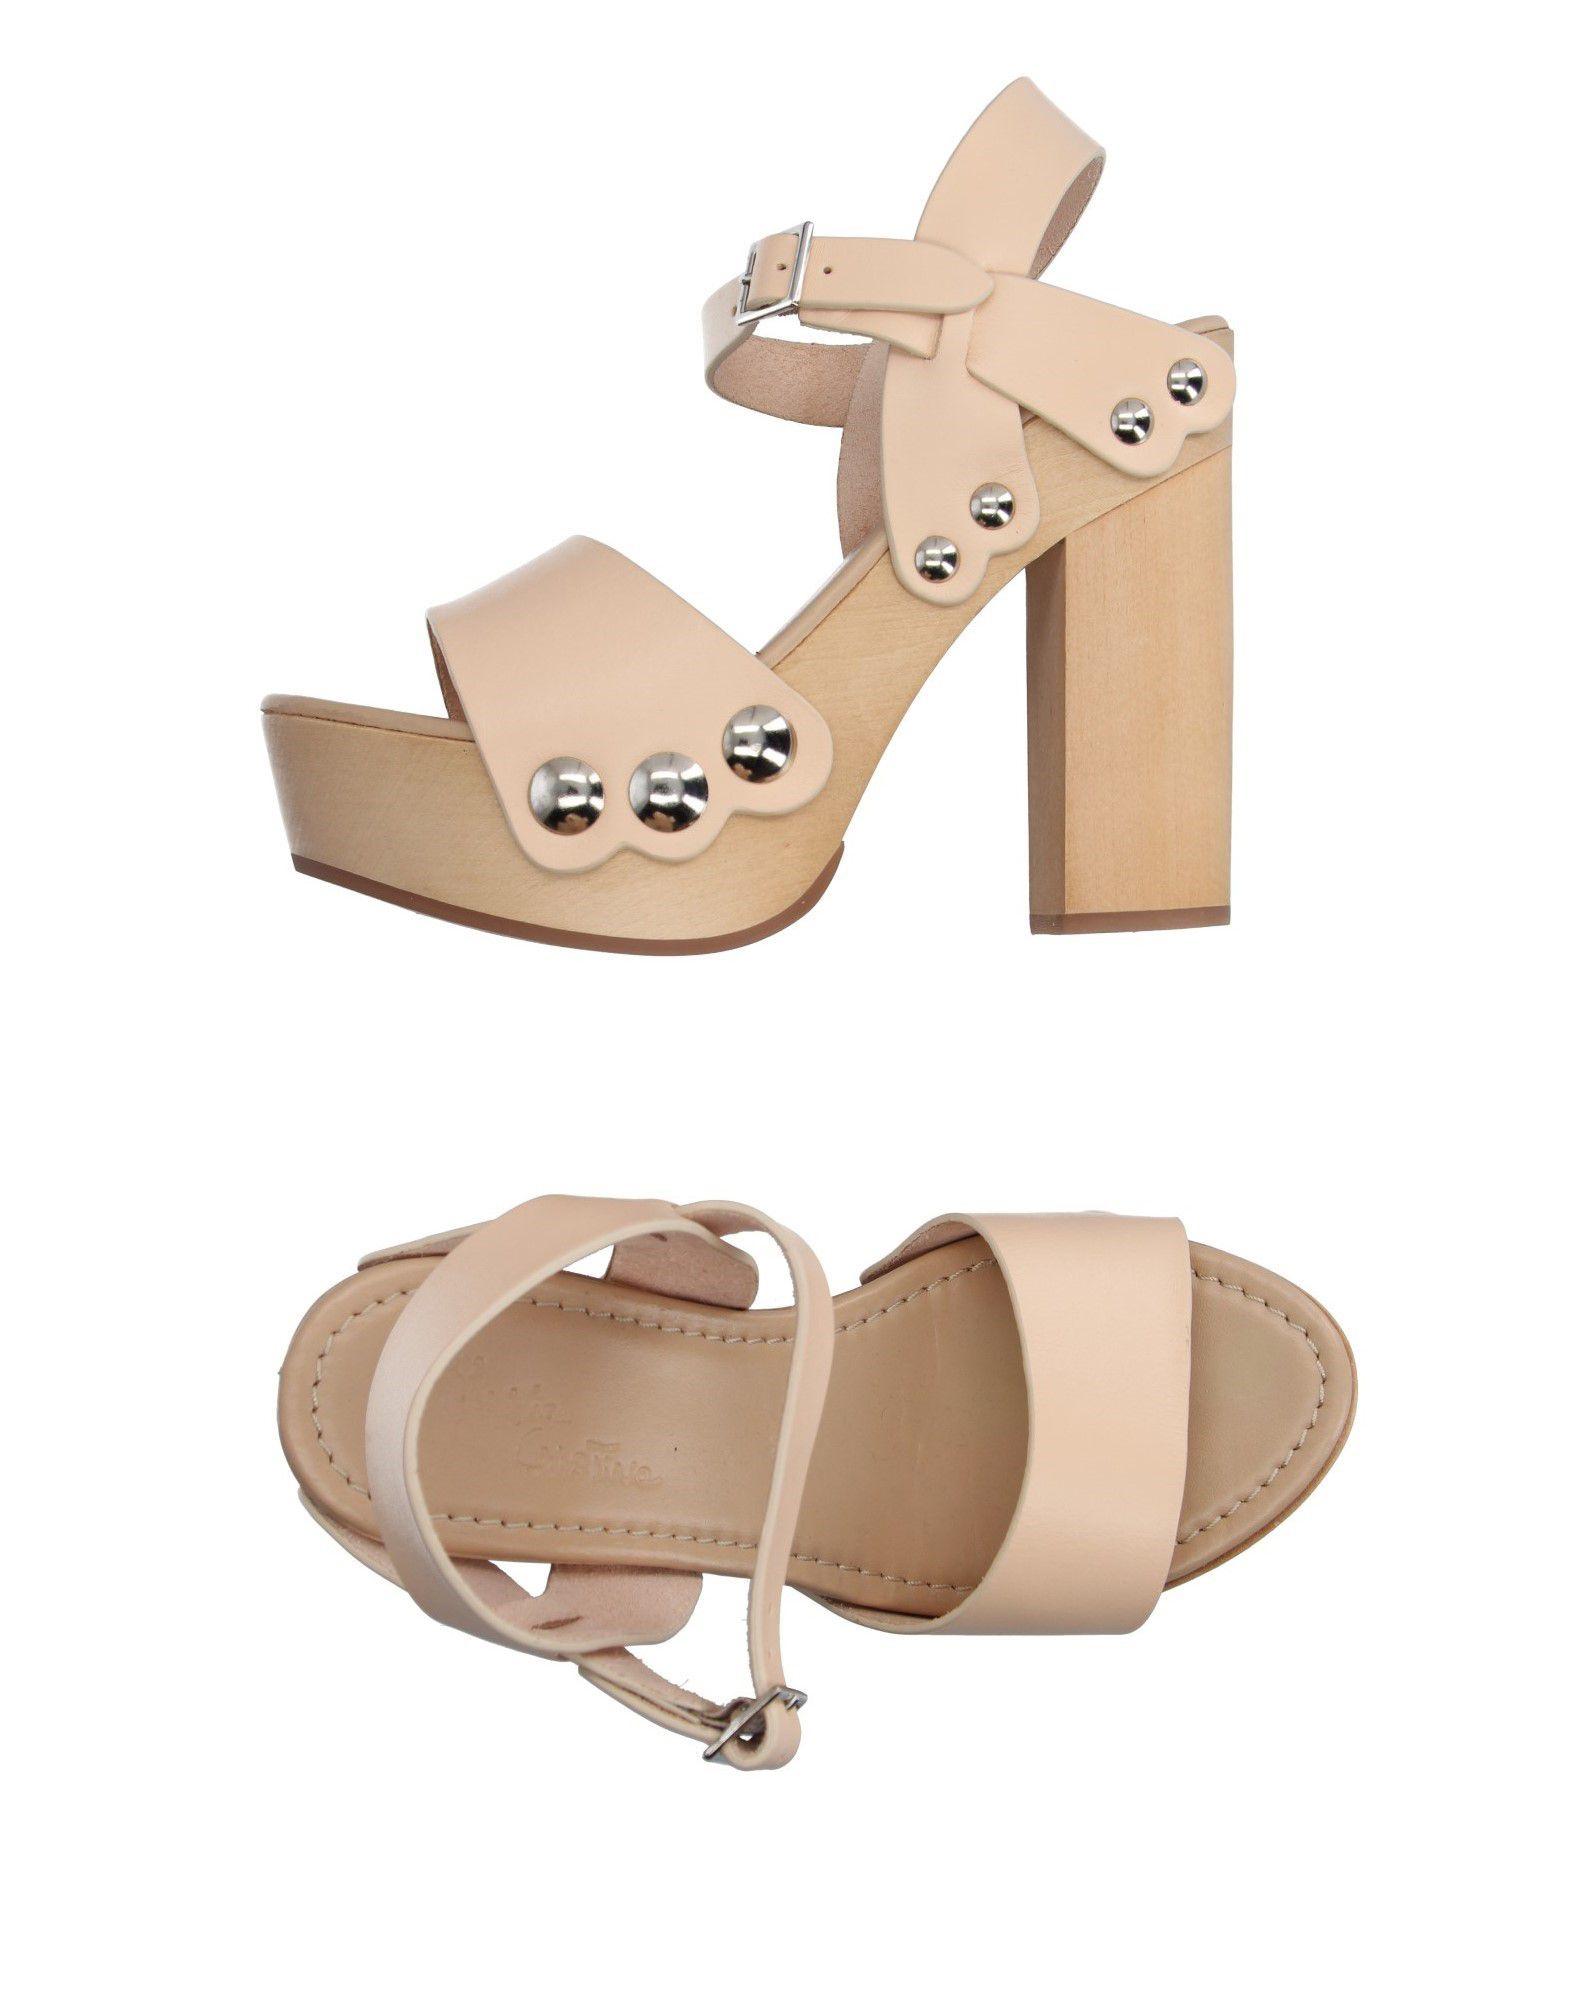 Maria Cristina Sandalen Damen  11134109HX Gute Qualität Schuhe beliebte Schuhe Qualität fe35e2